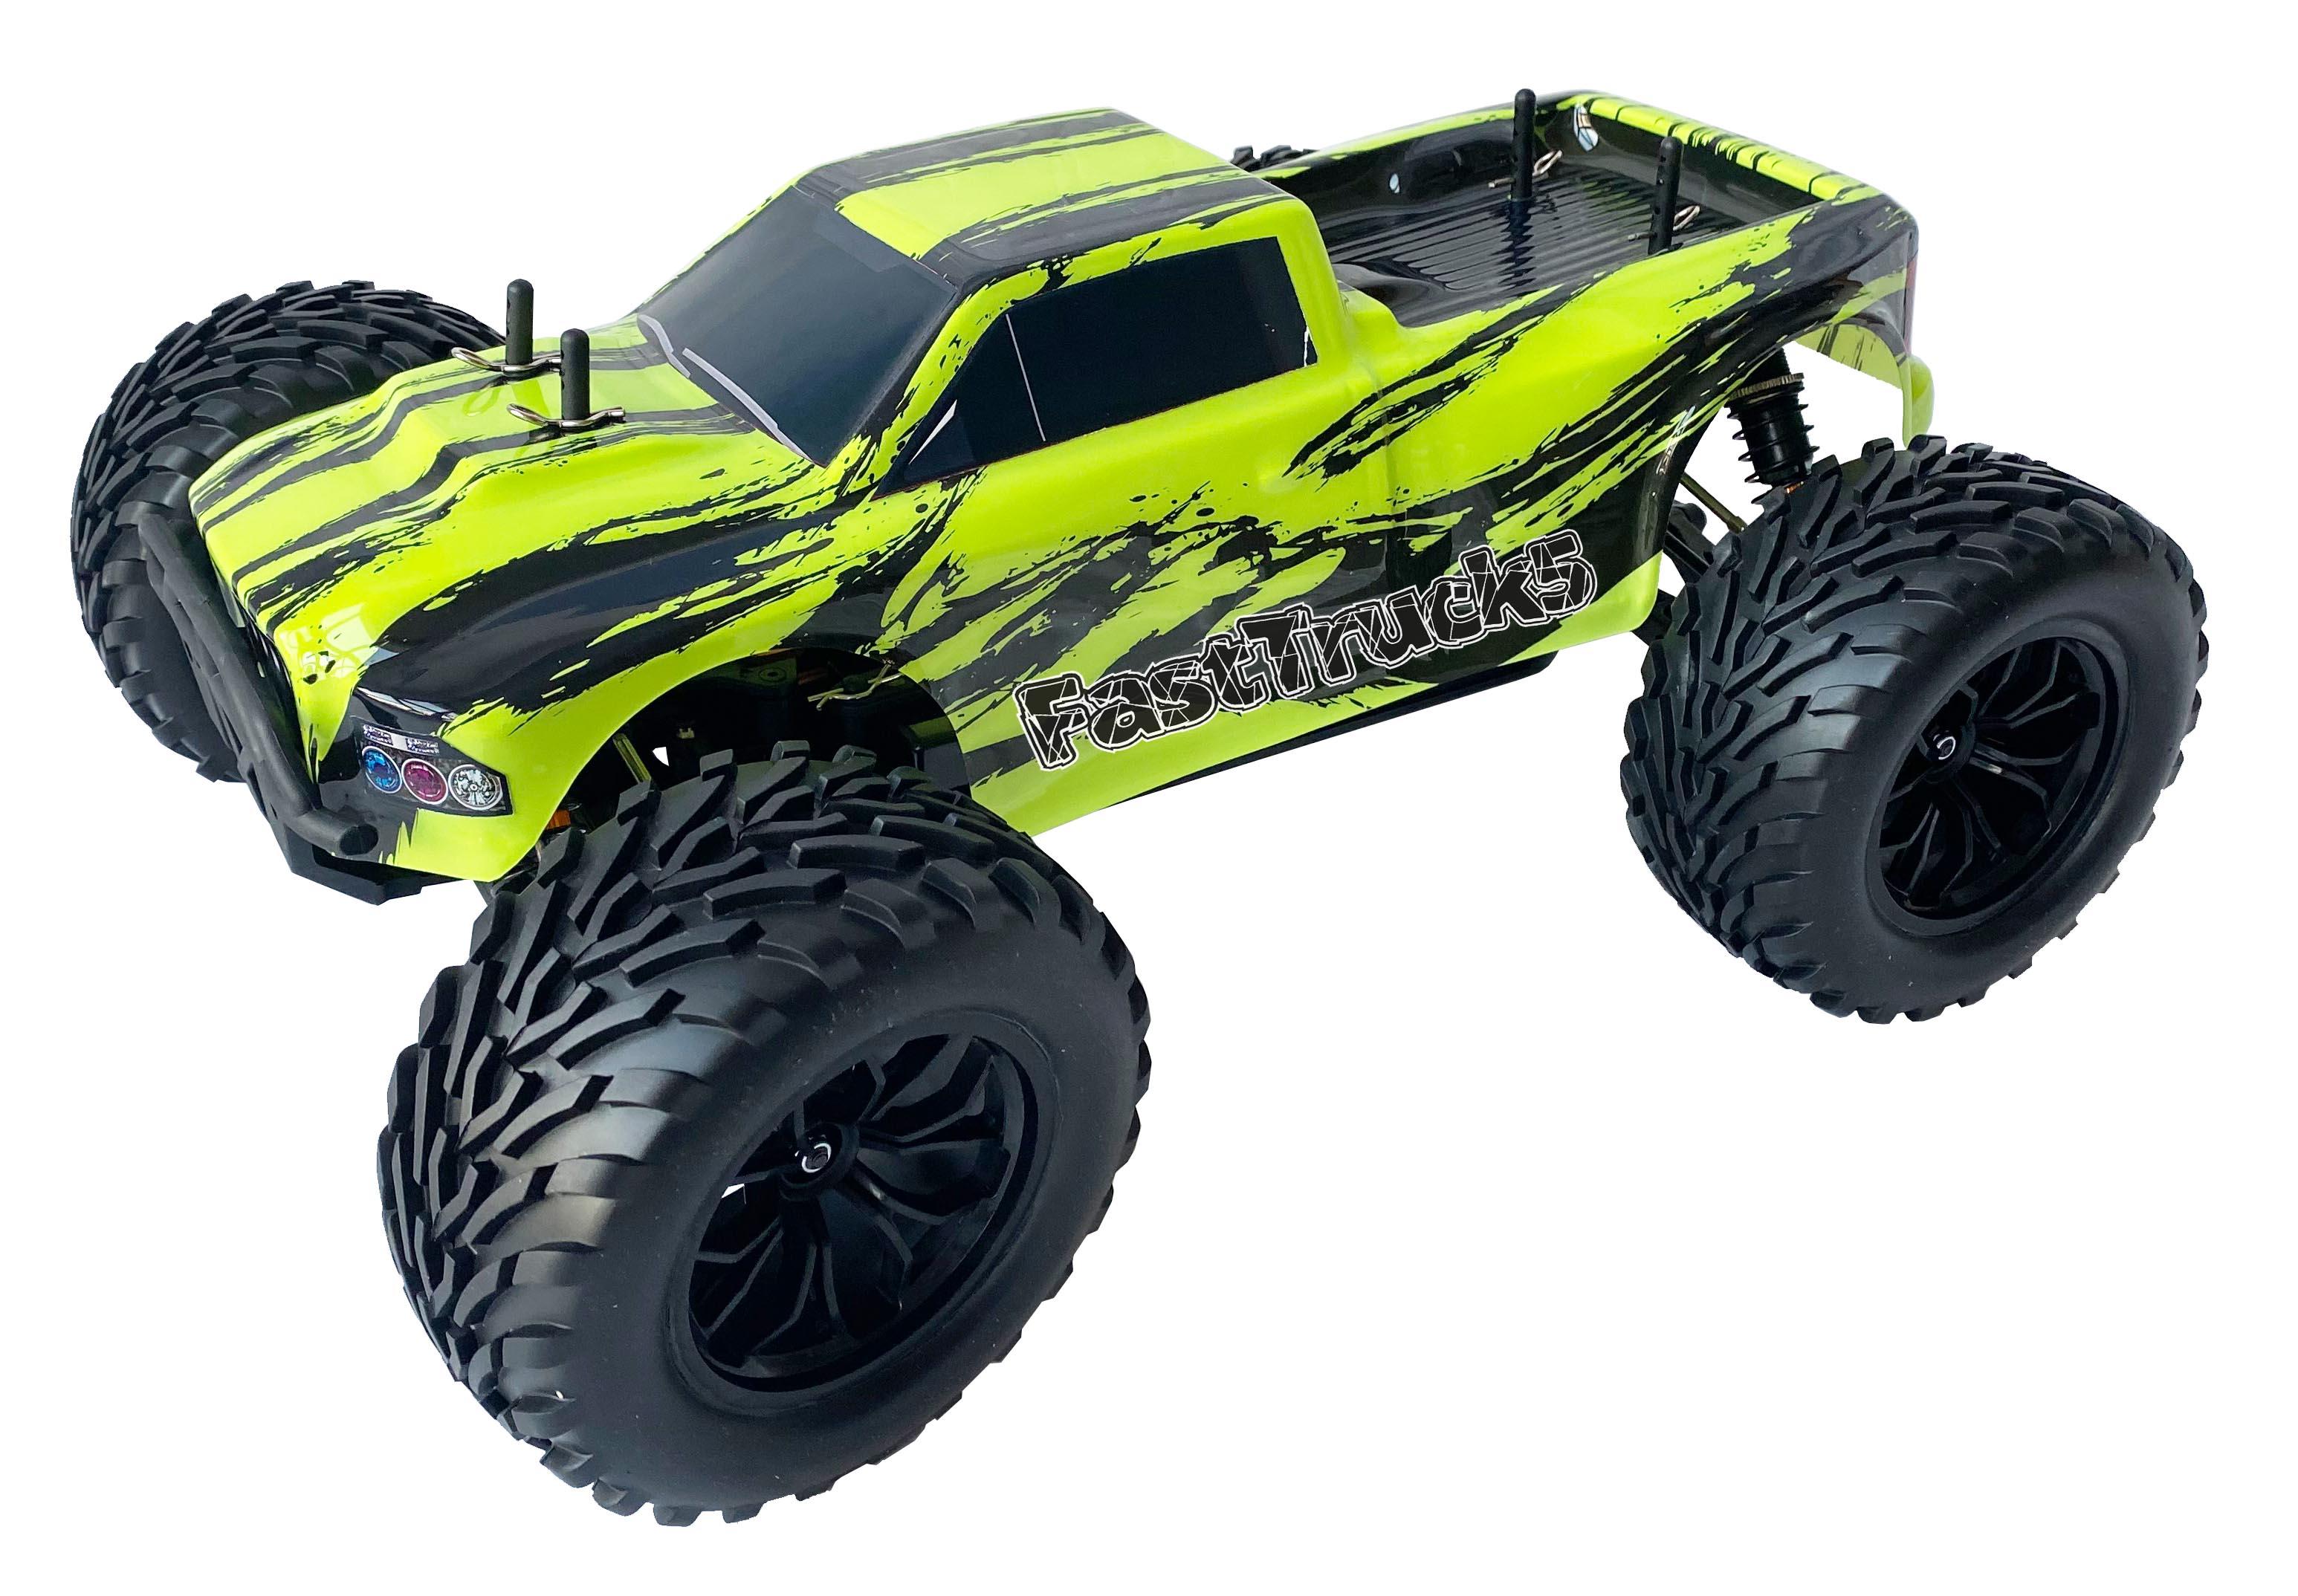 FastTruck 5 Brushless monster truck RTR